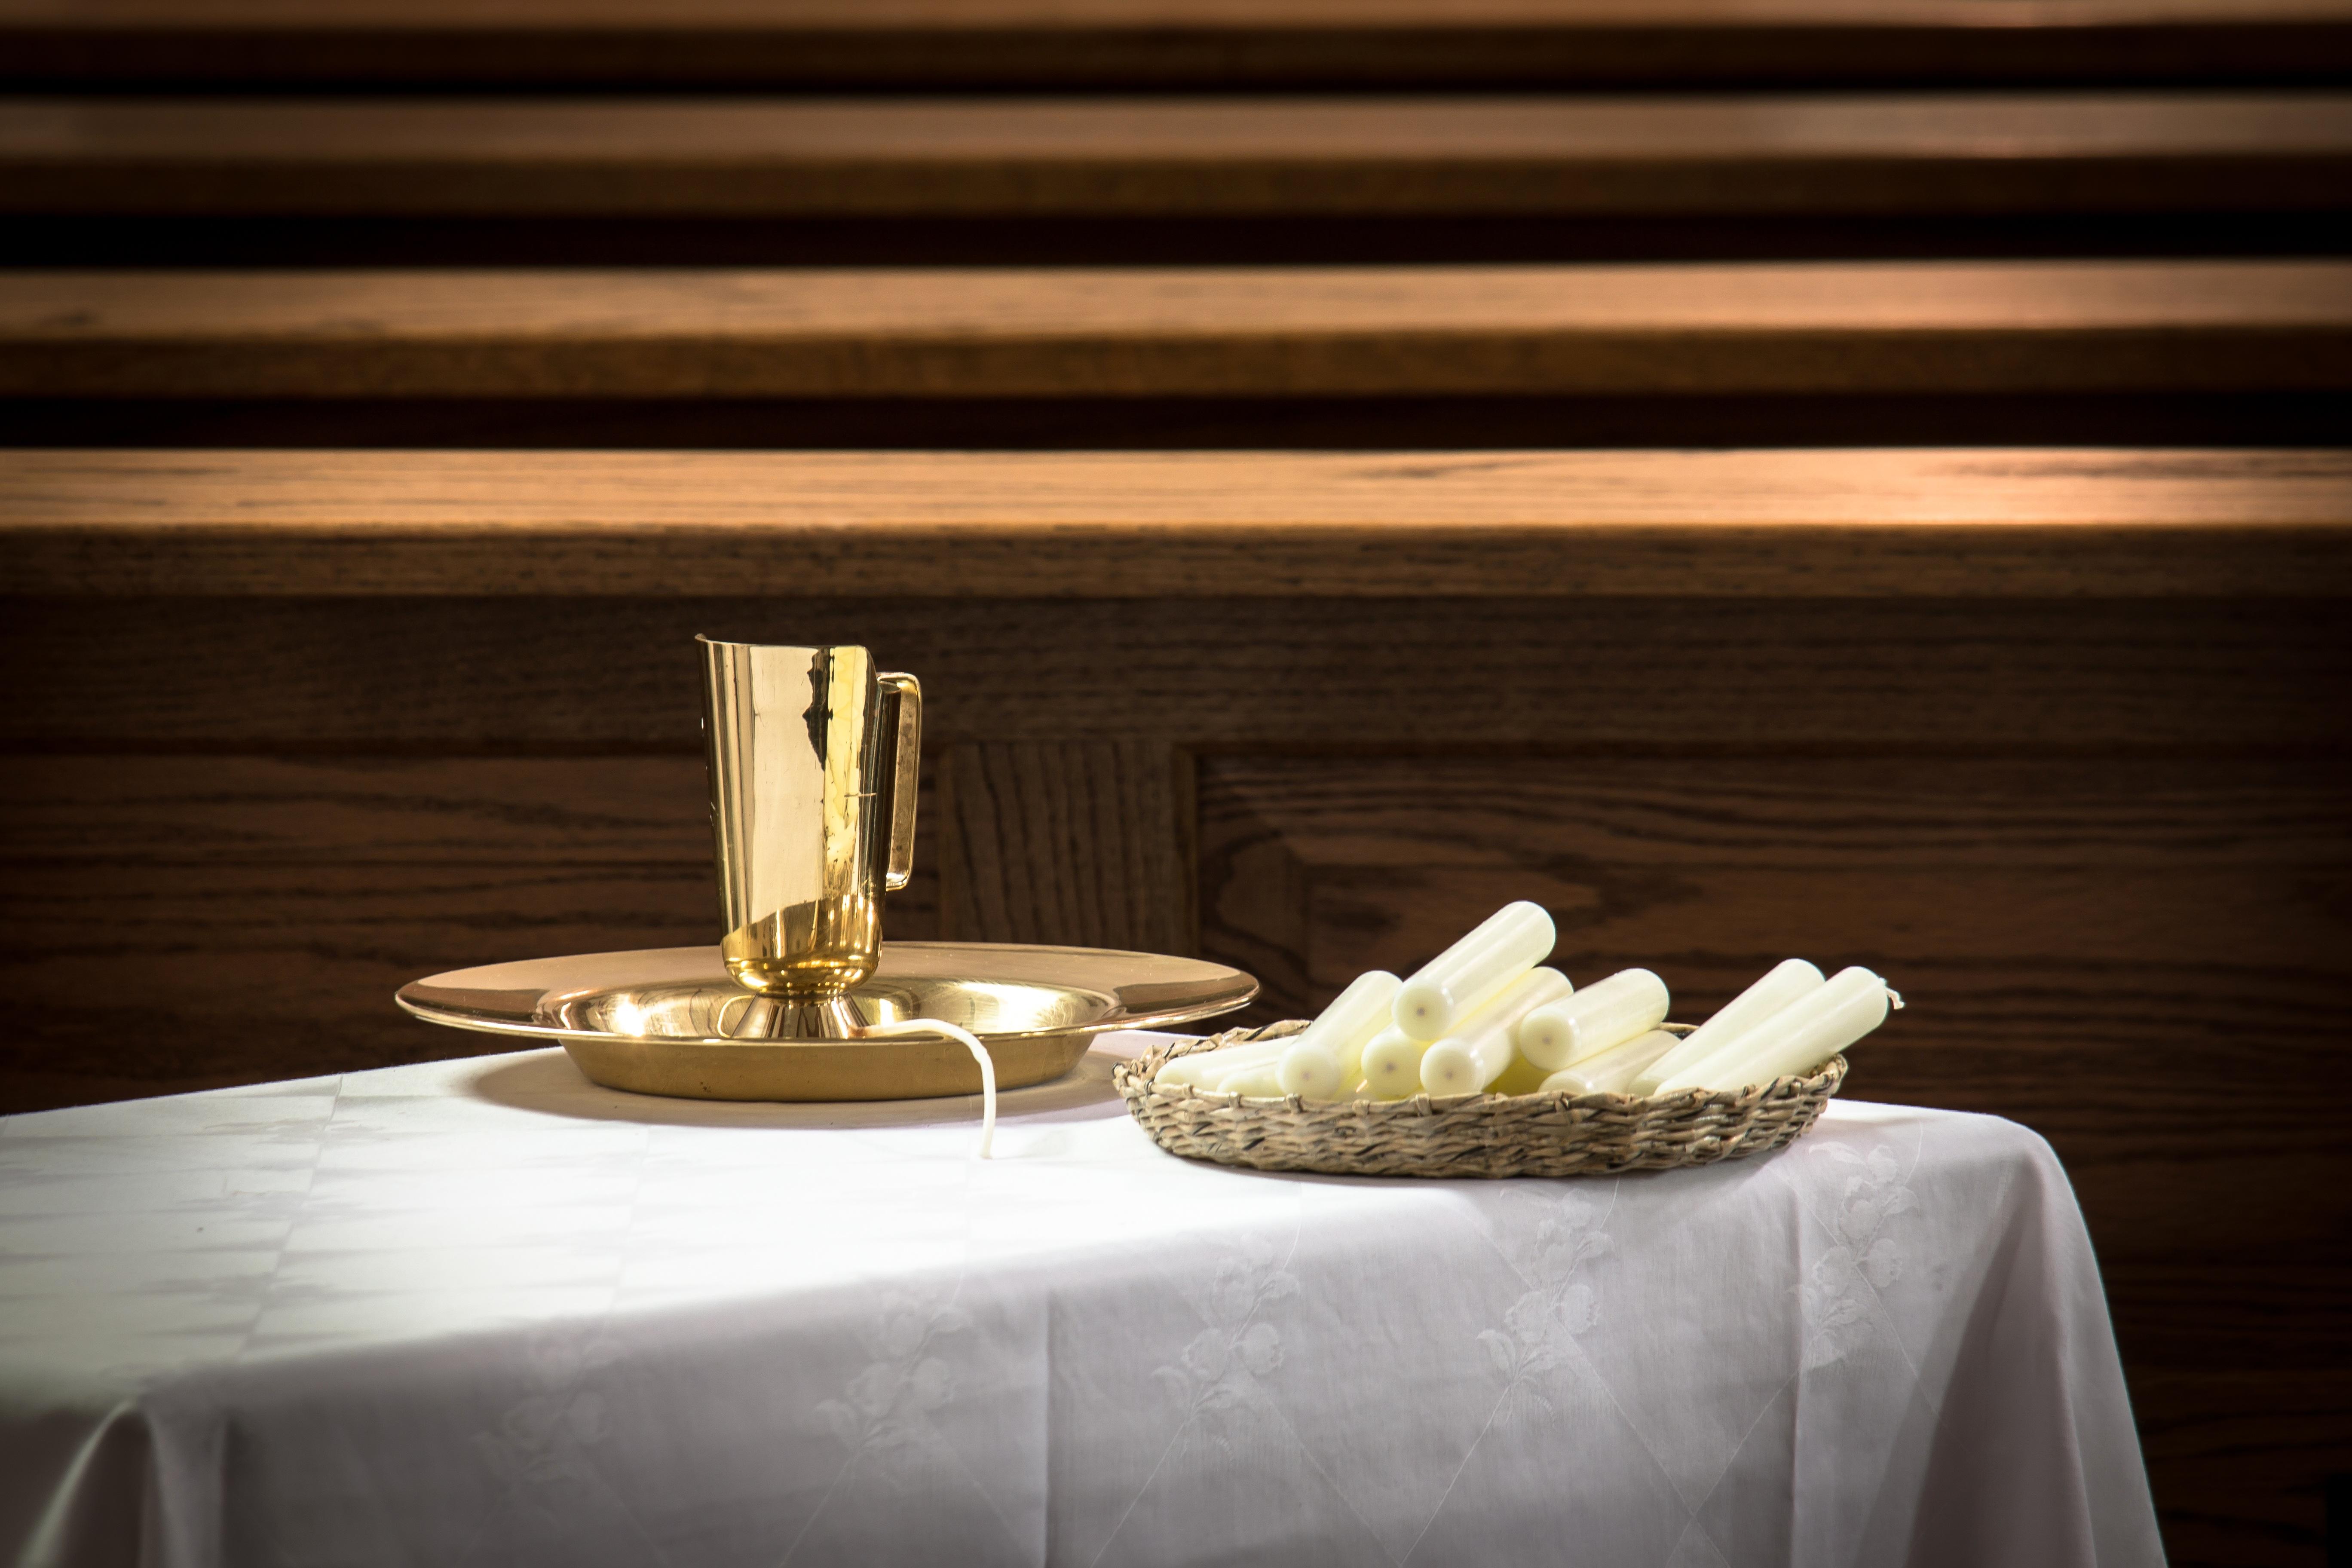 Fotos Gratis Mesa Madera Restaurante Maceta Comida Dorado  # Muebles Dorados